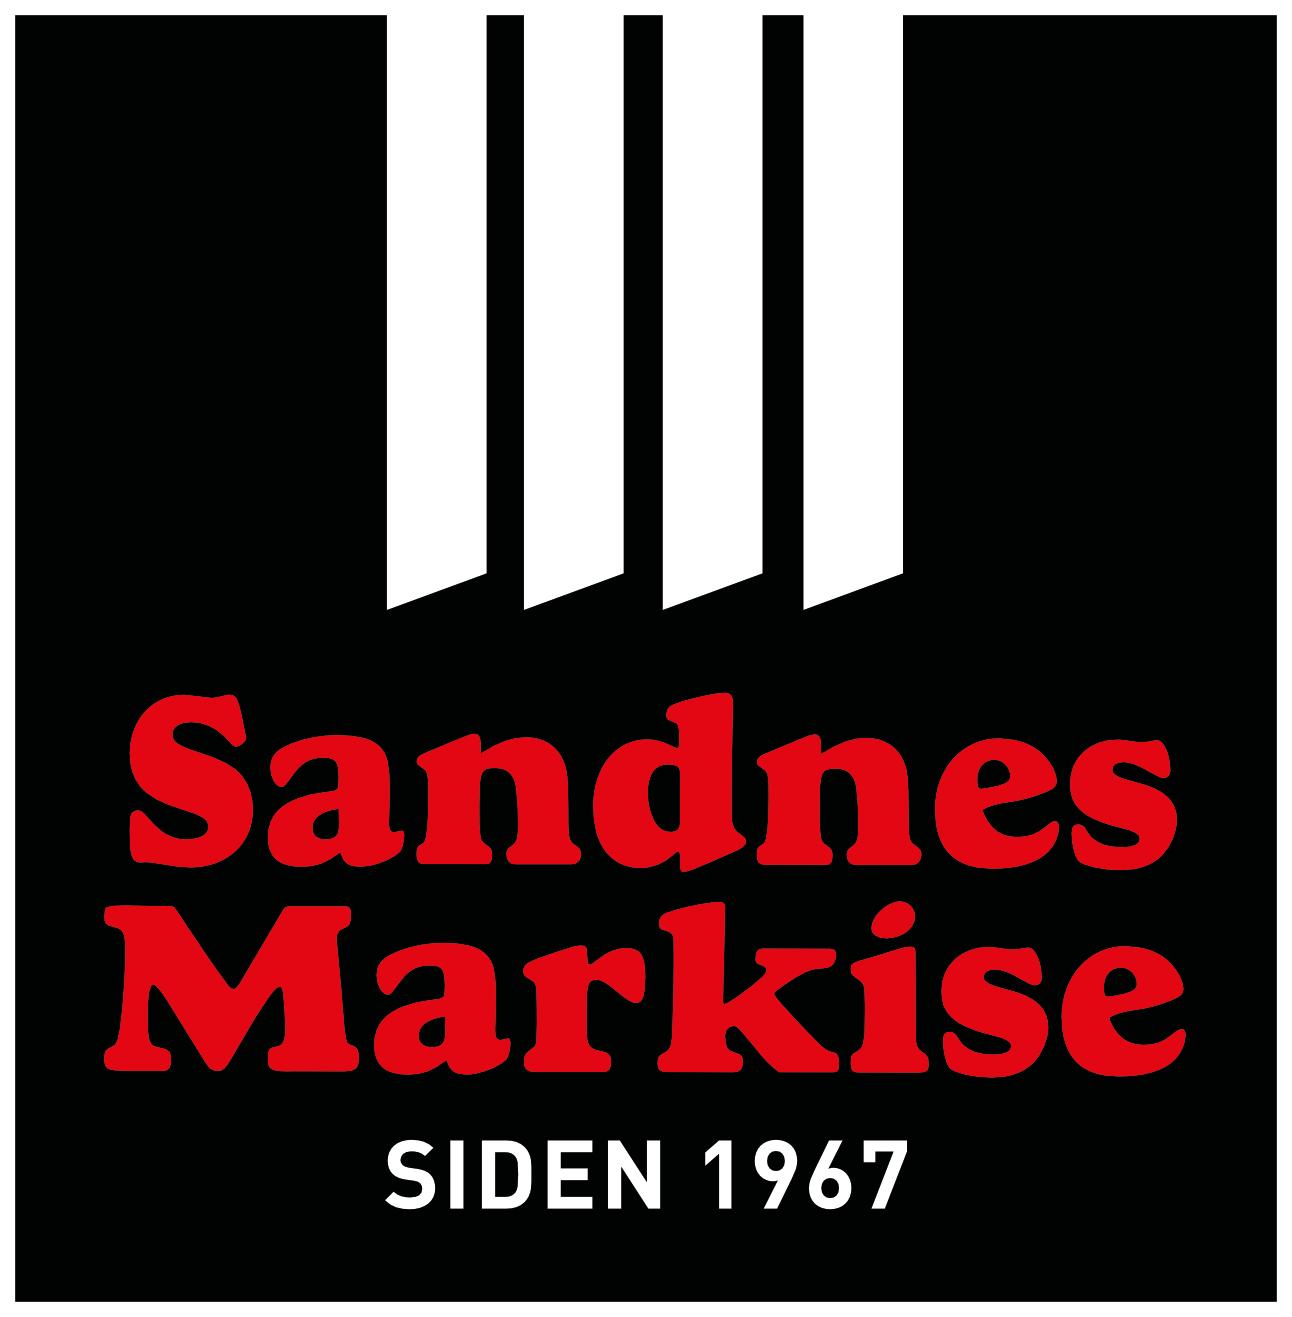 SandnesMarkise FirkantLogo